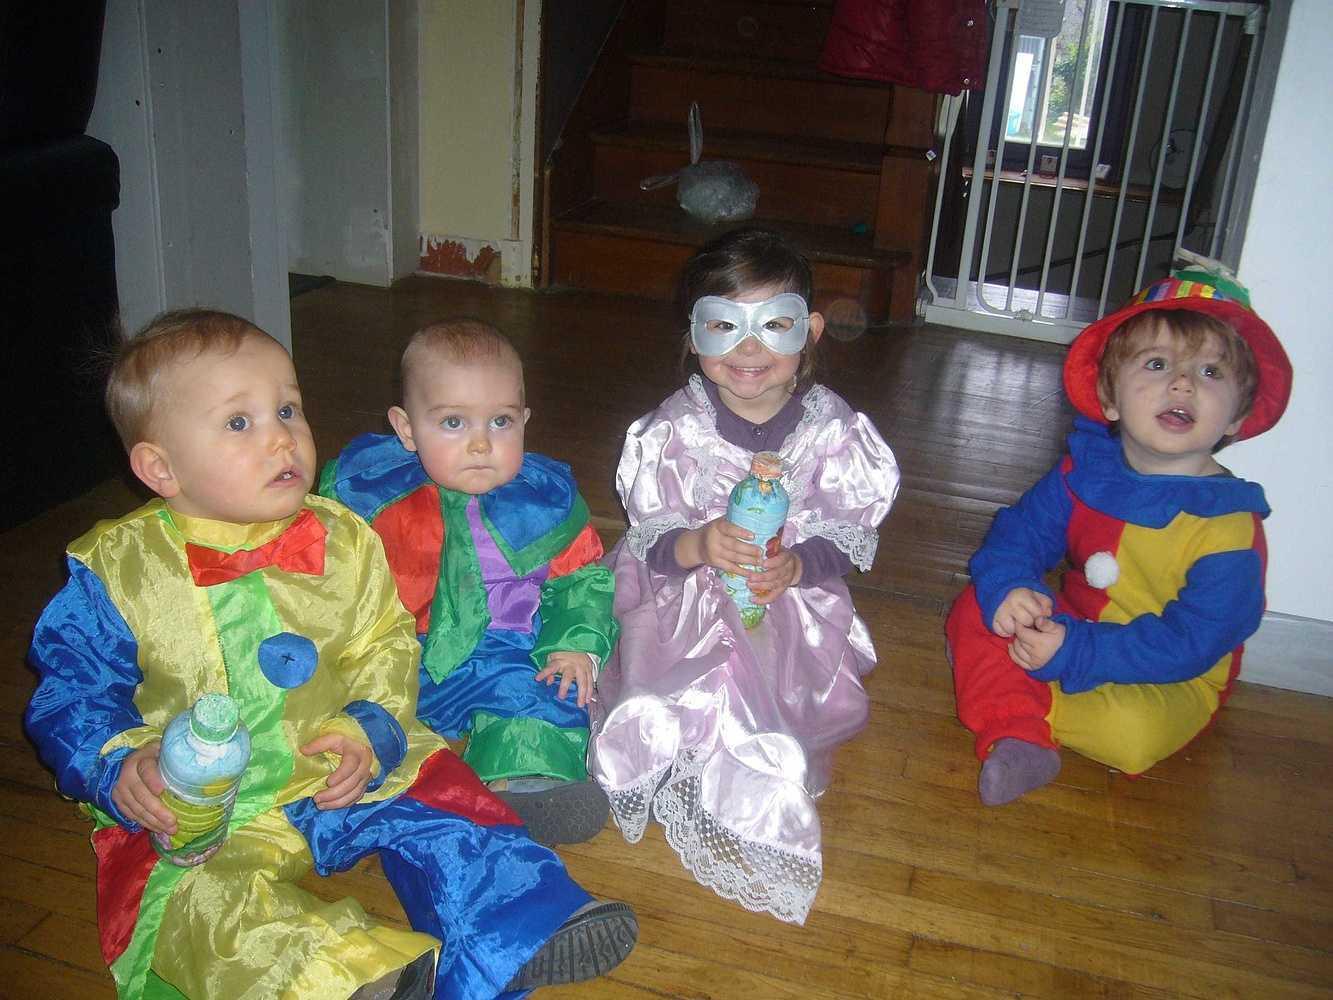 Les bons souvenirs de la bambinerie 2012 p1080942